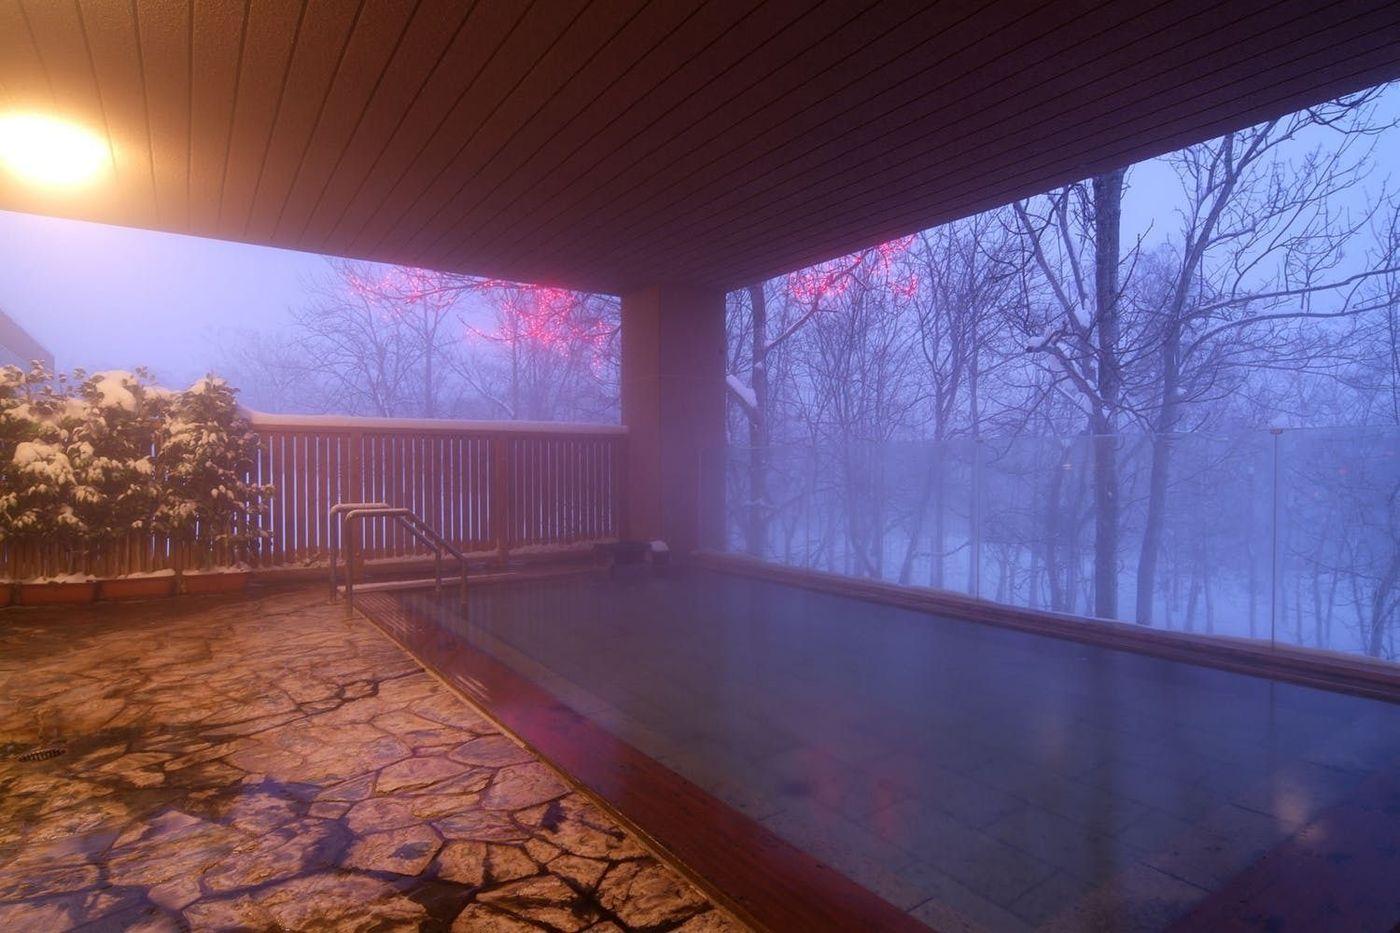 ニセコ温泉で上質旅。ラグジュアリーに自然を感じる高級宿5選の画像